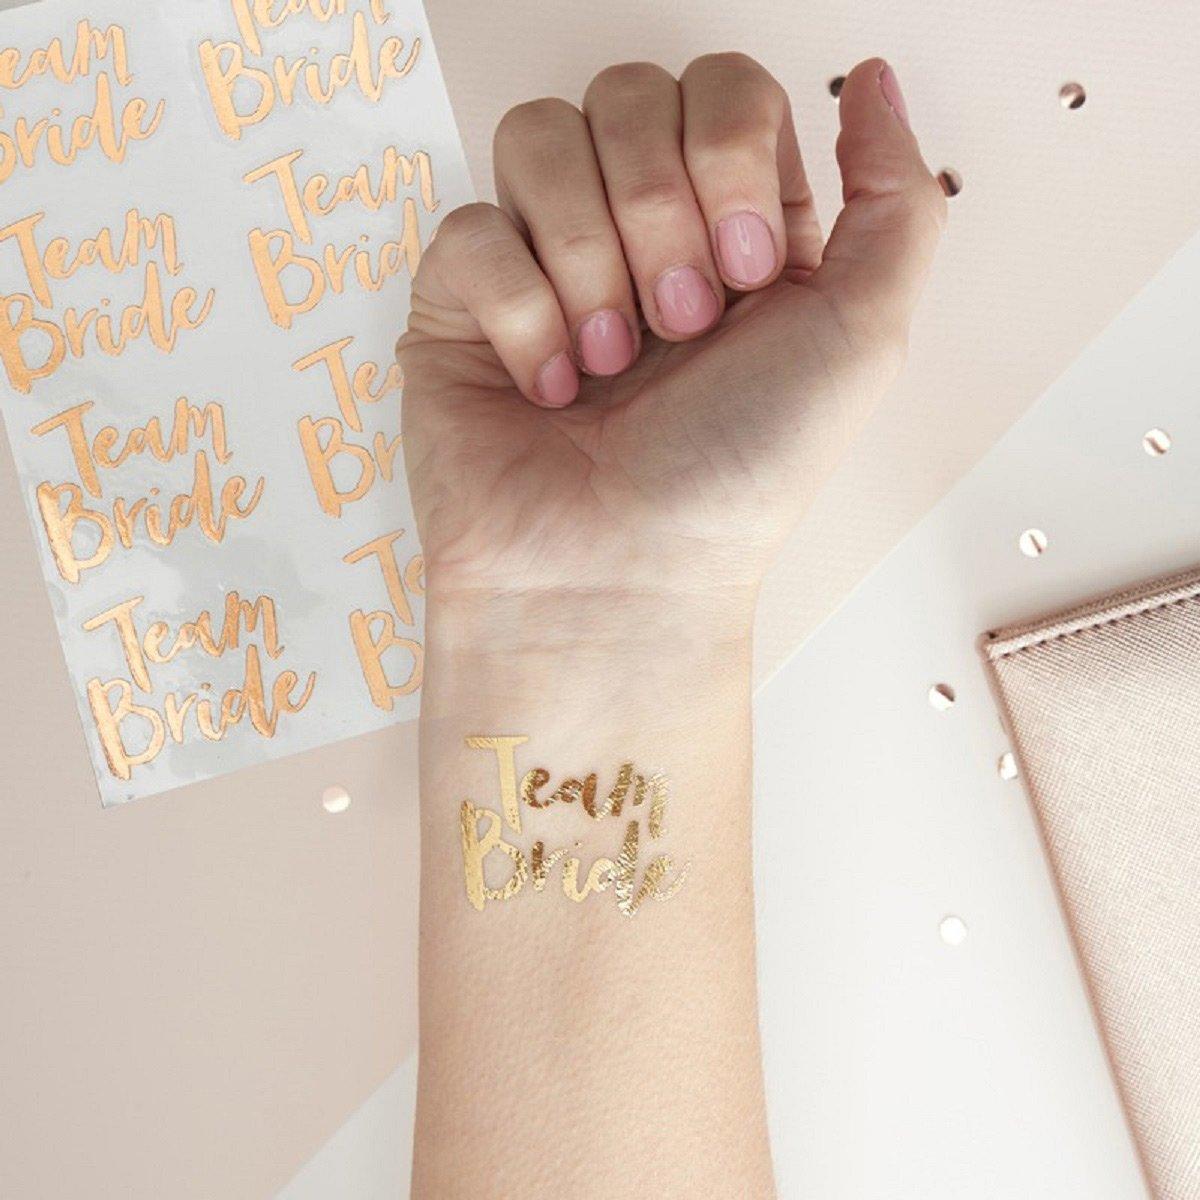 Tattoos Team Bride: Die perfekten Accessoires für euren Junggesellinnenabschied / JGA